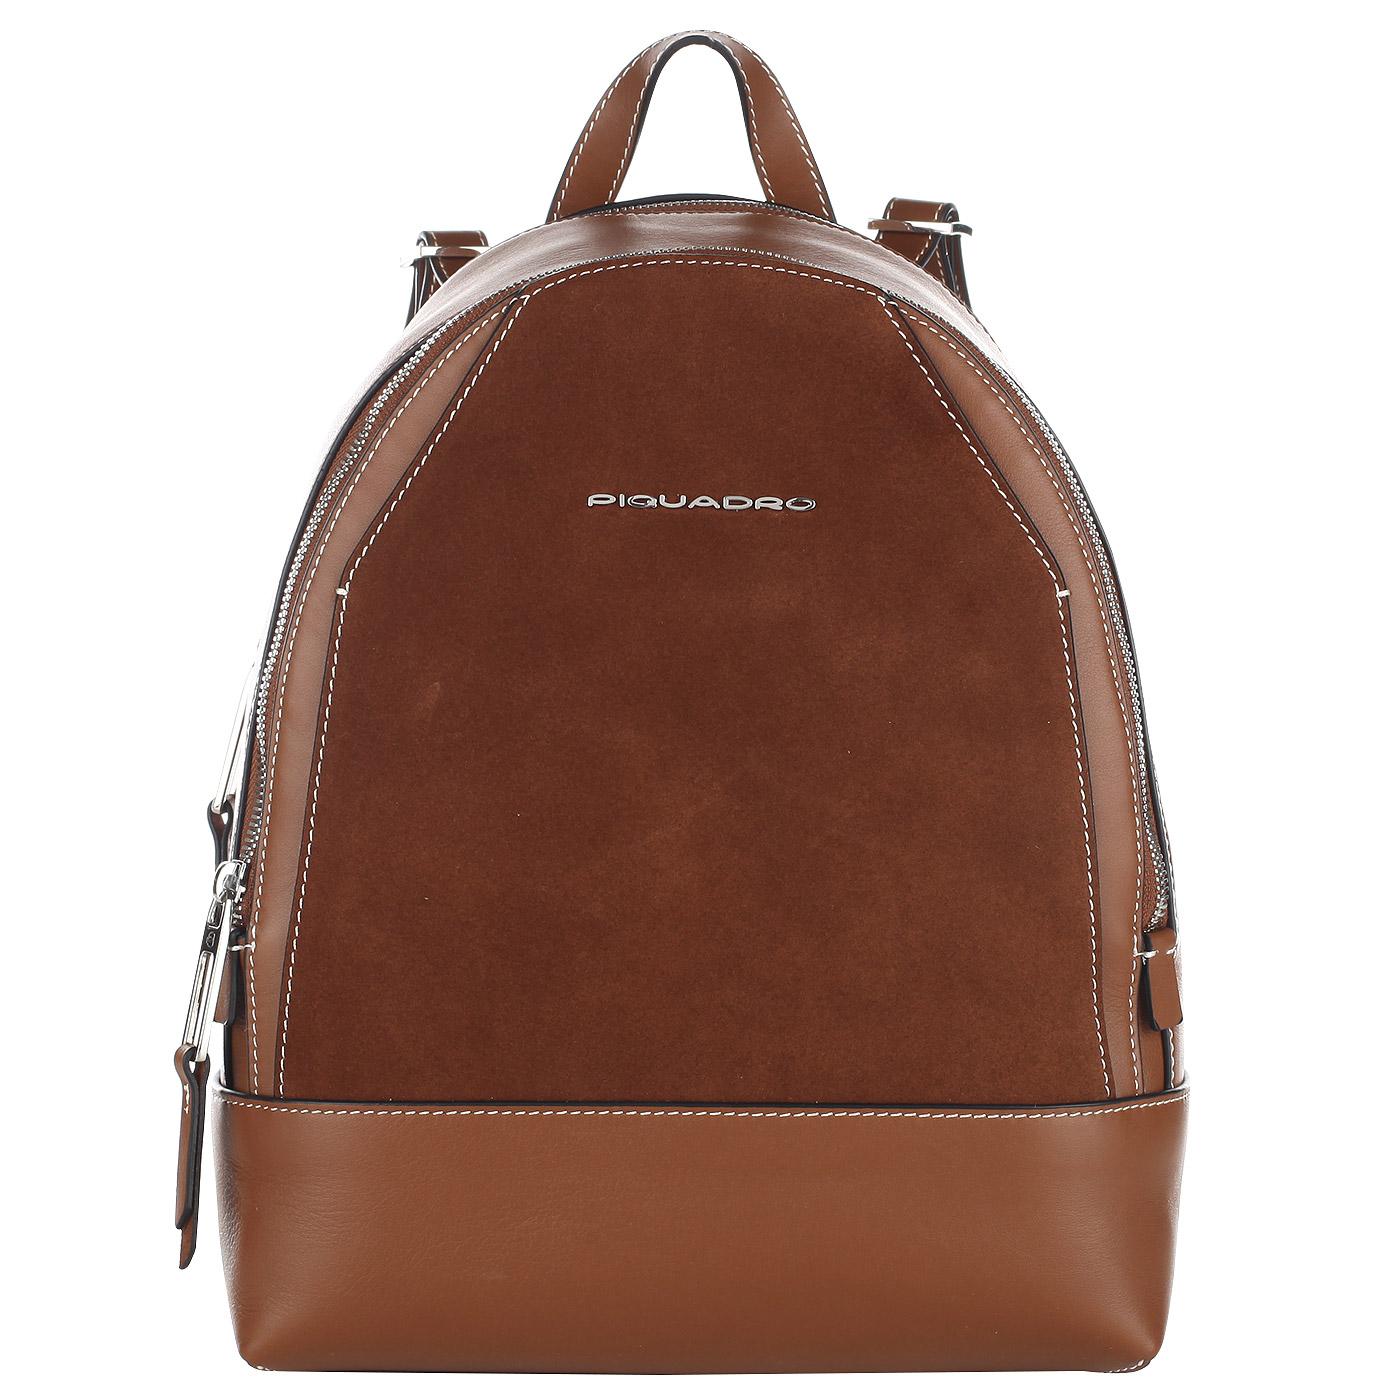 41e78e65a2ba Женский кожаный рюкзак Piquadro Muse CA4327MUS/CU - 2000557802650 ...